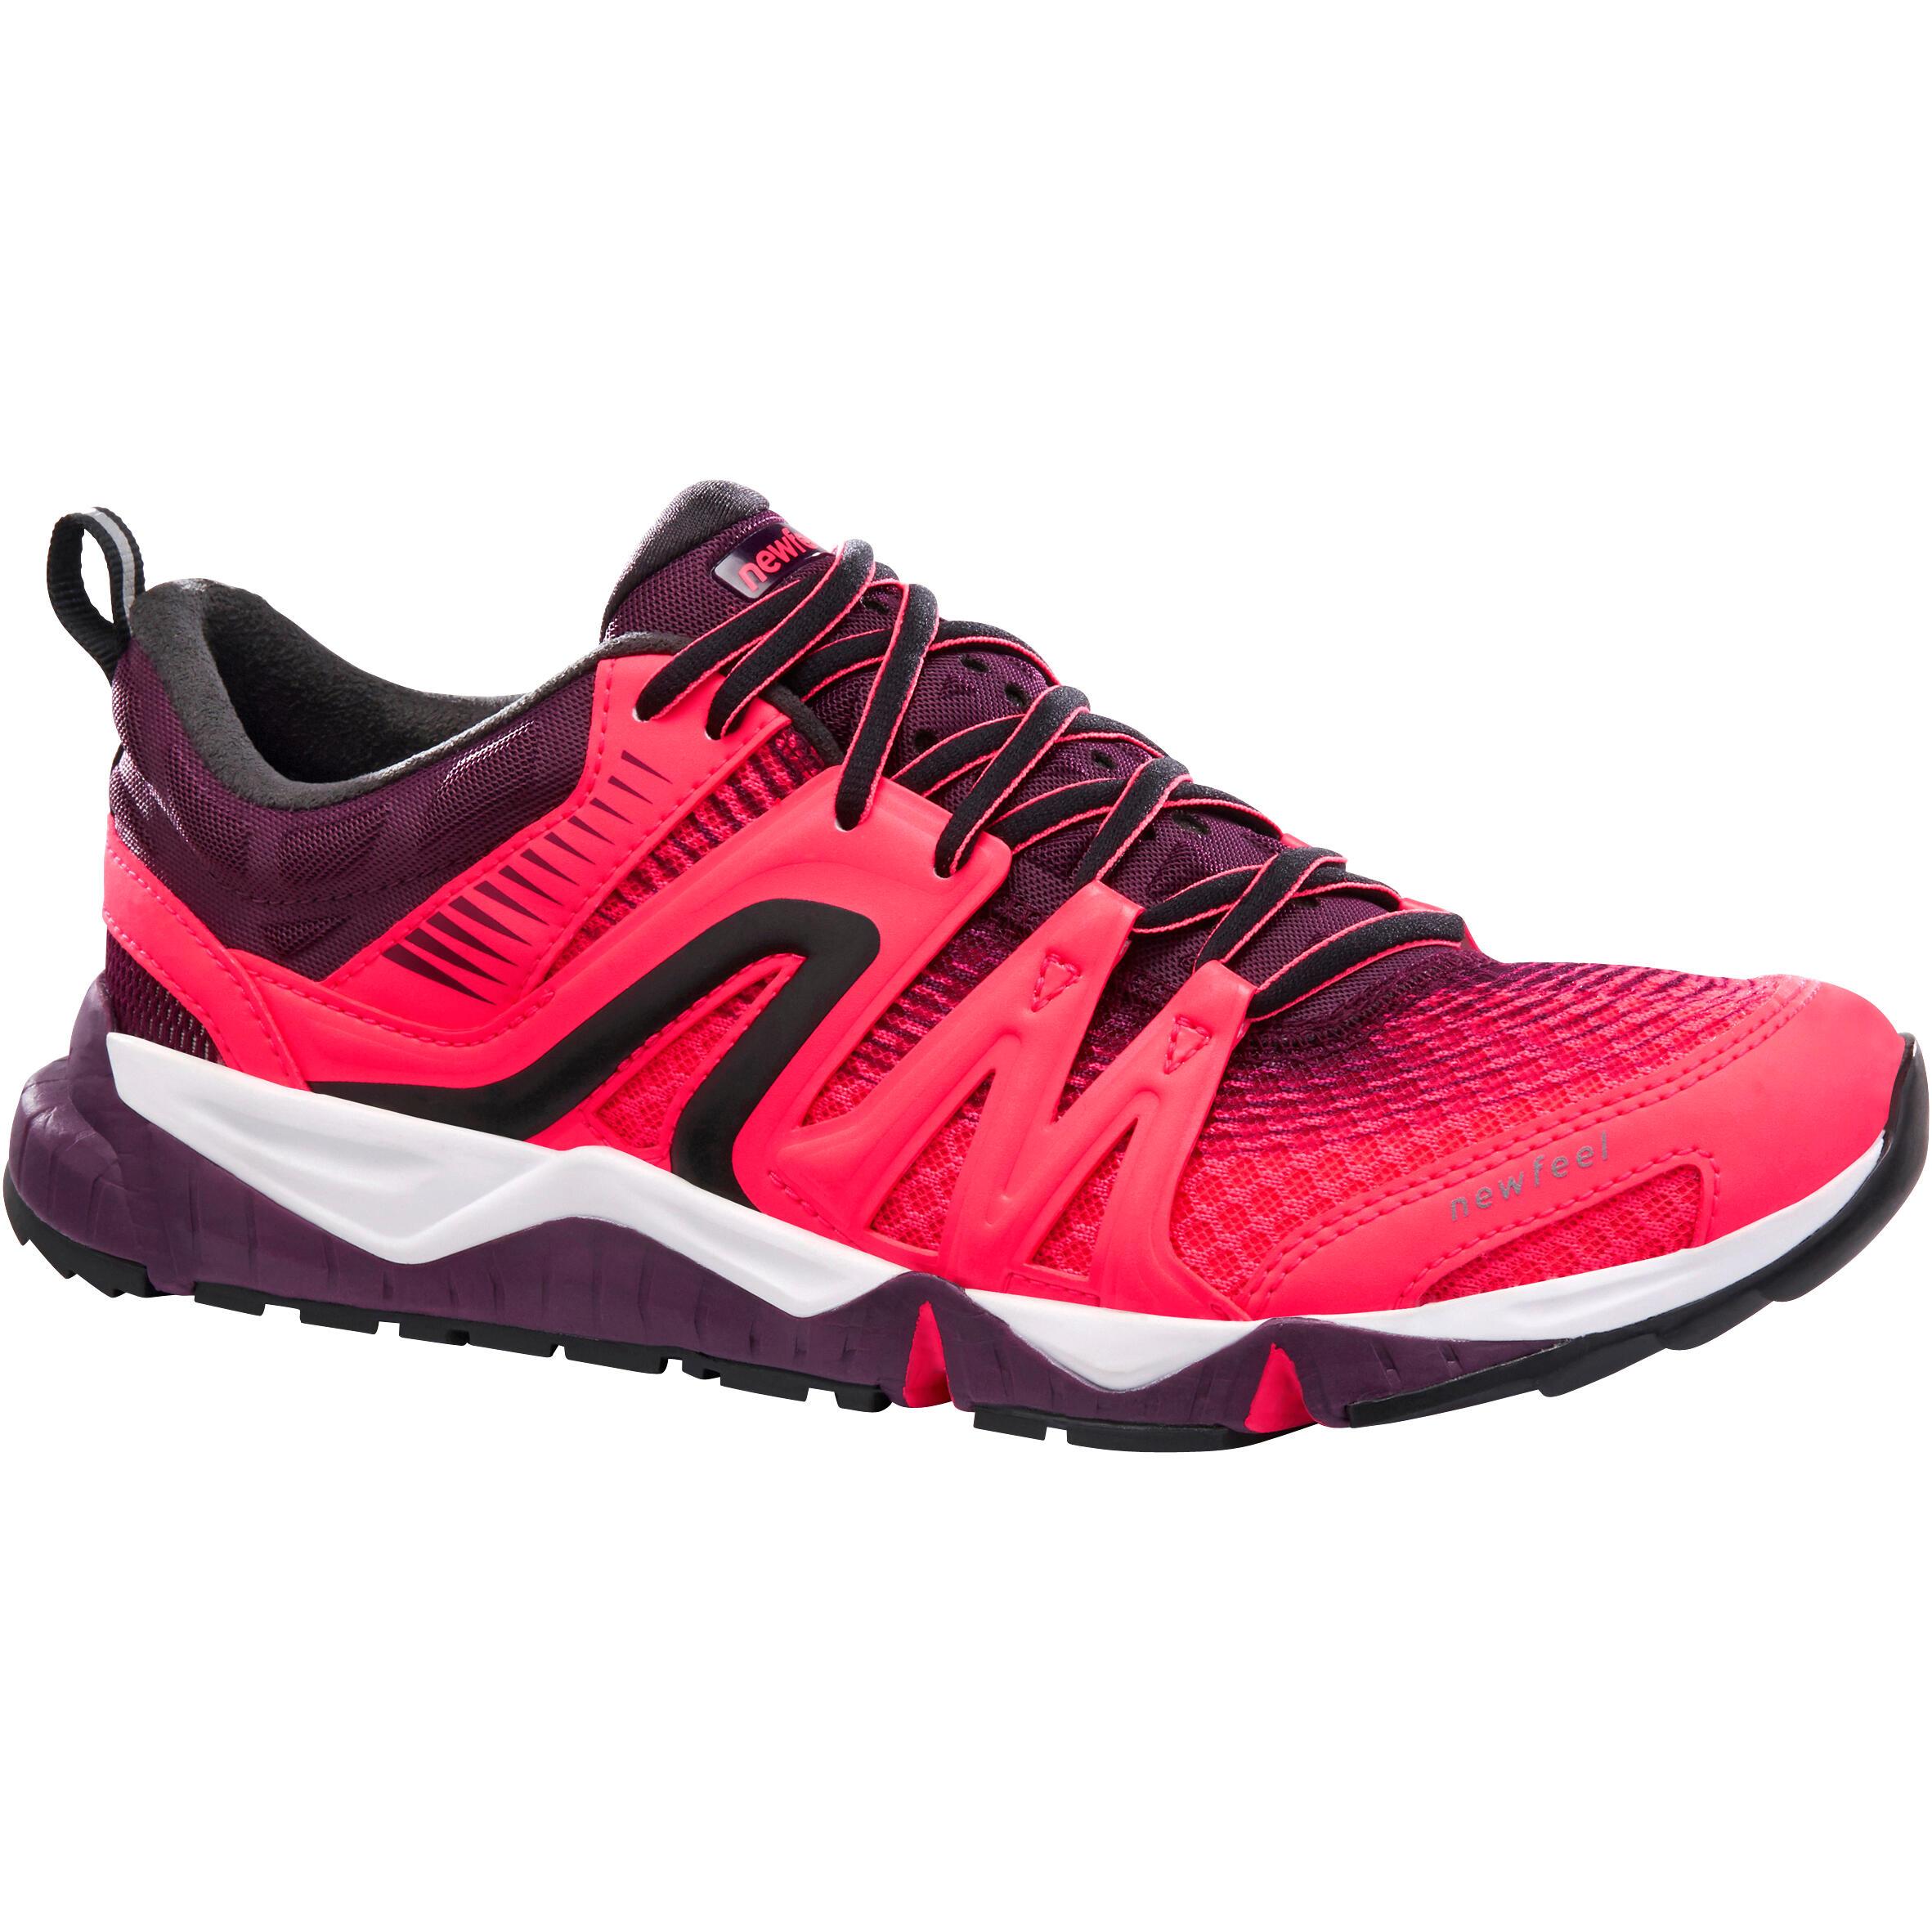 e4b7e8dd8f6 Comprar Zapatillas de Andar para Mujer   Decathlon